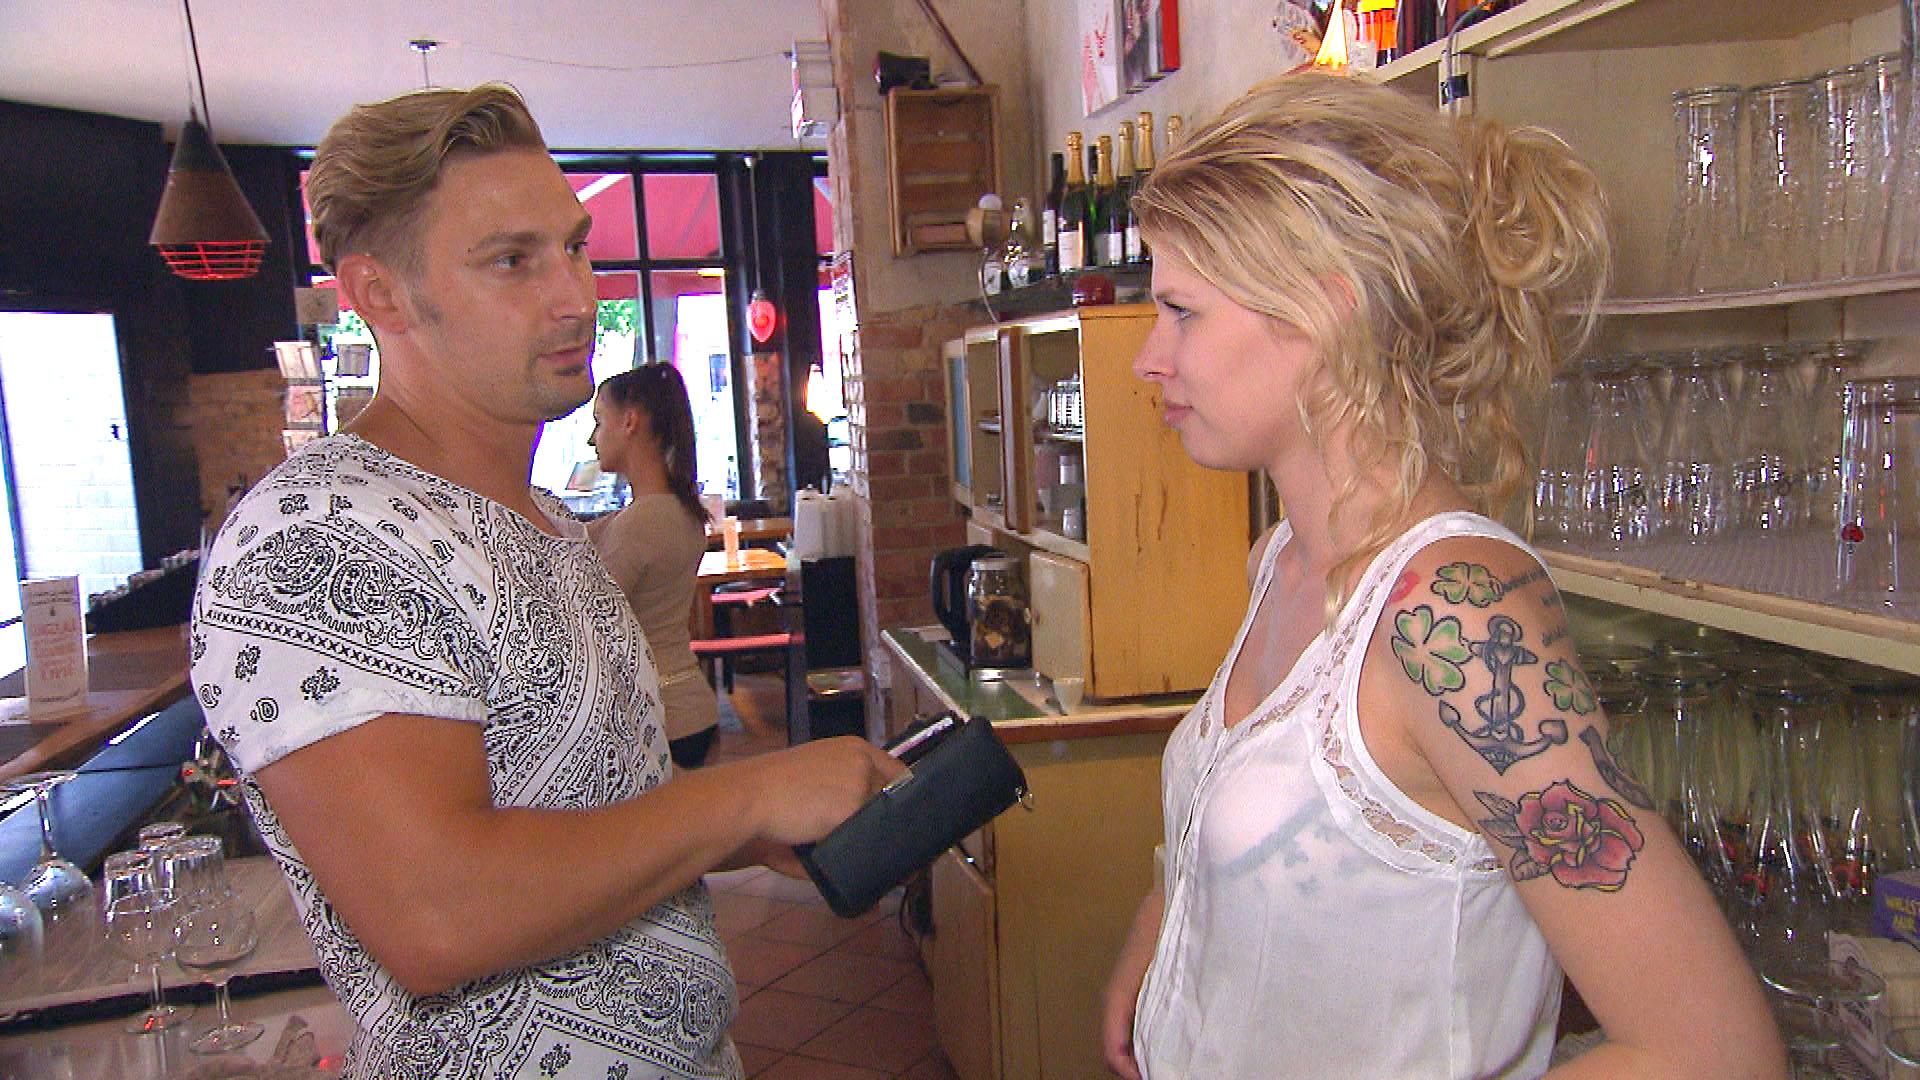 Nina,re. versucht, ihre Schwärmerei für Leon,li. so gut es geht zu verdrängen. (Quelle: RTL 2)